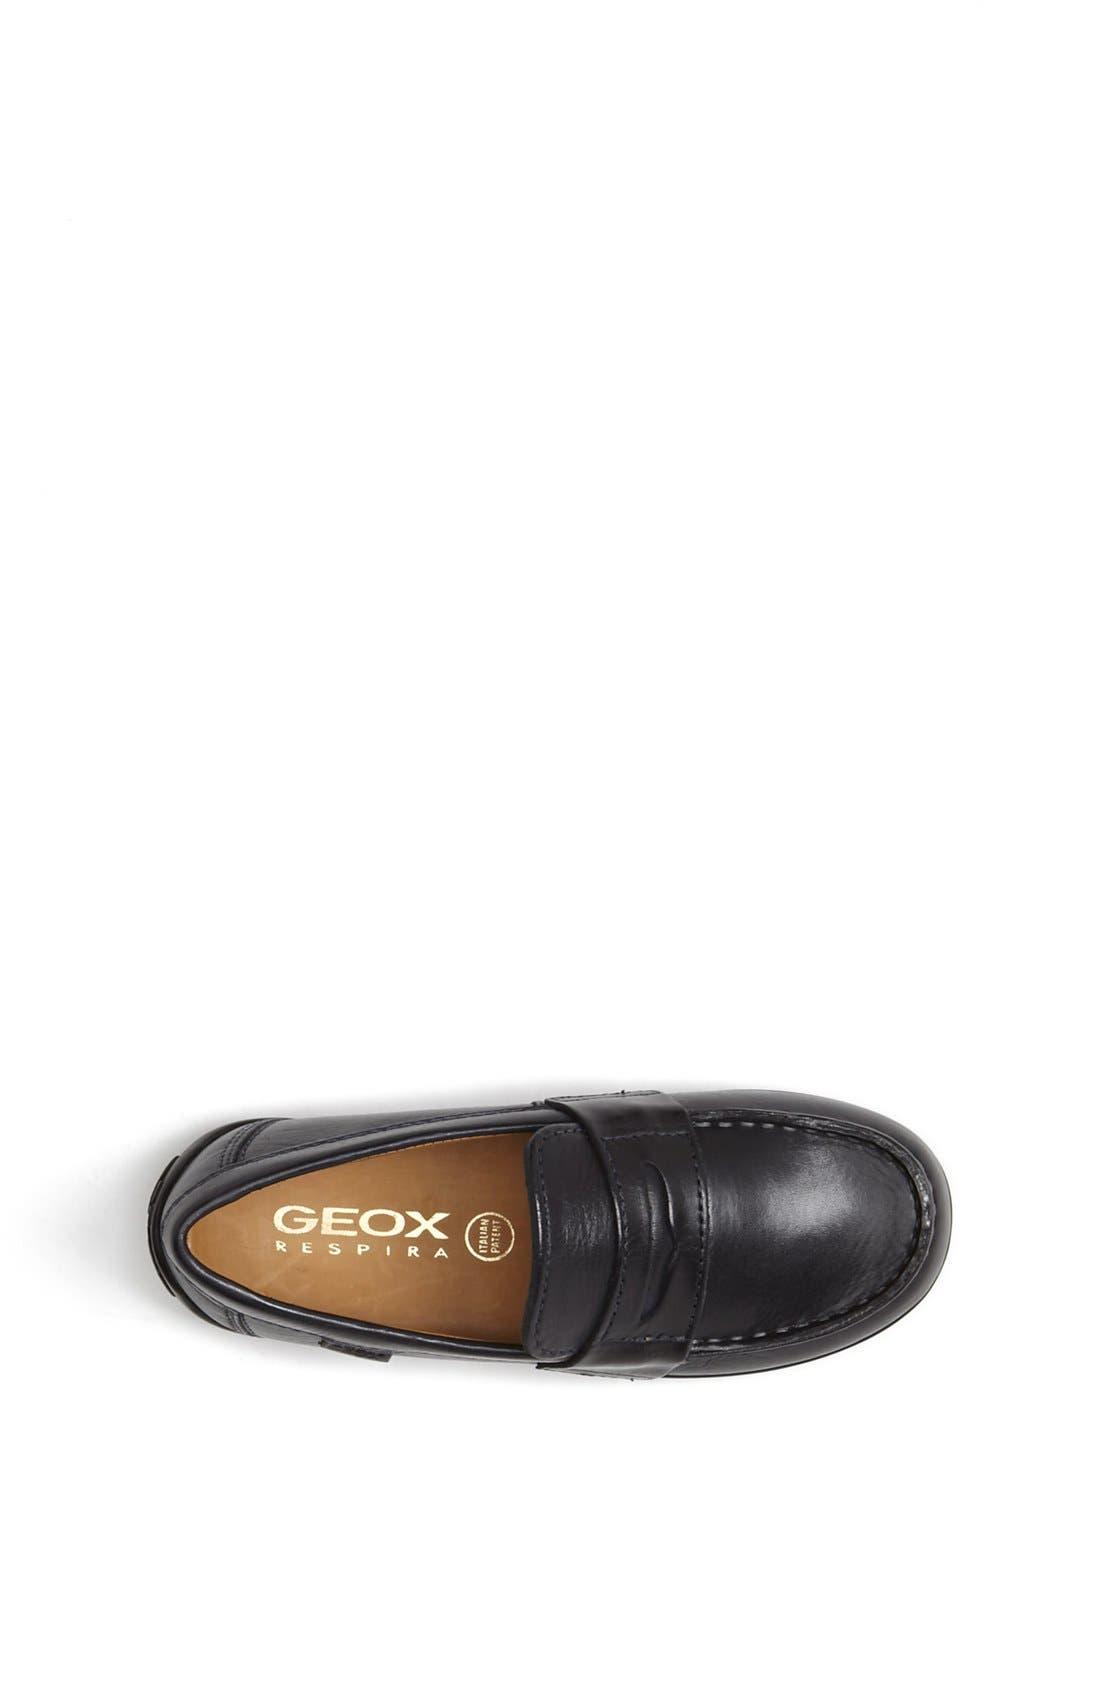 Alternate Image 3  - Geox 'Fast' Loafer (Toddler, Little Kid & Big Kid)